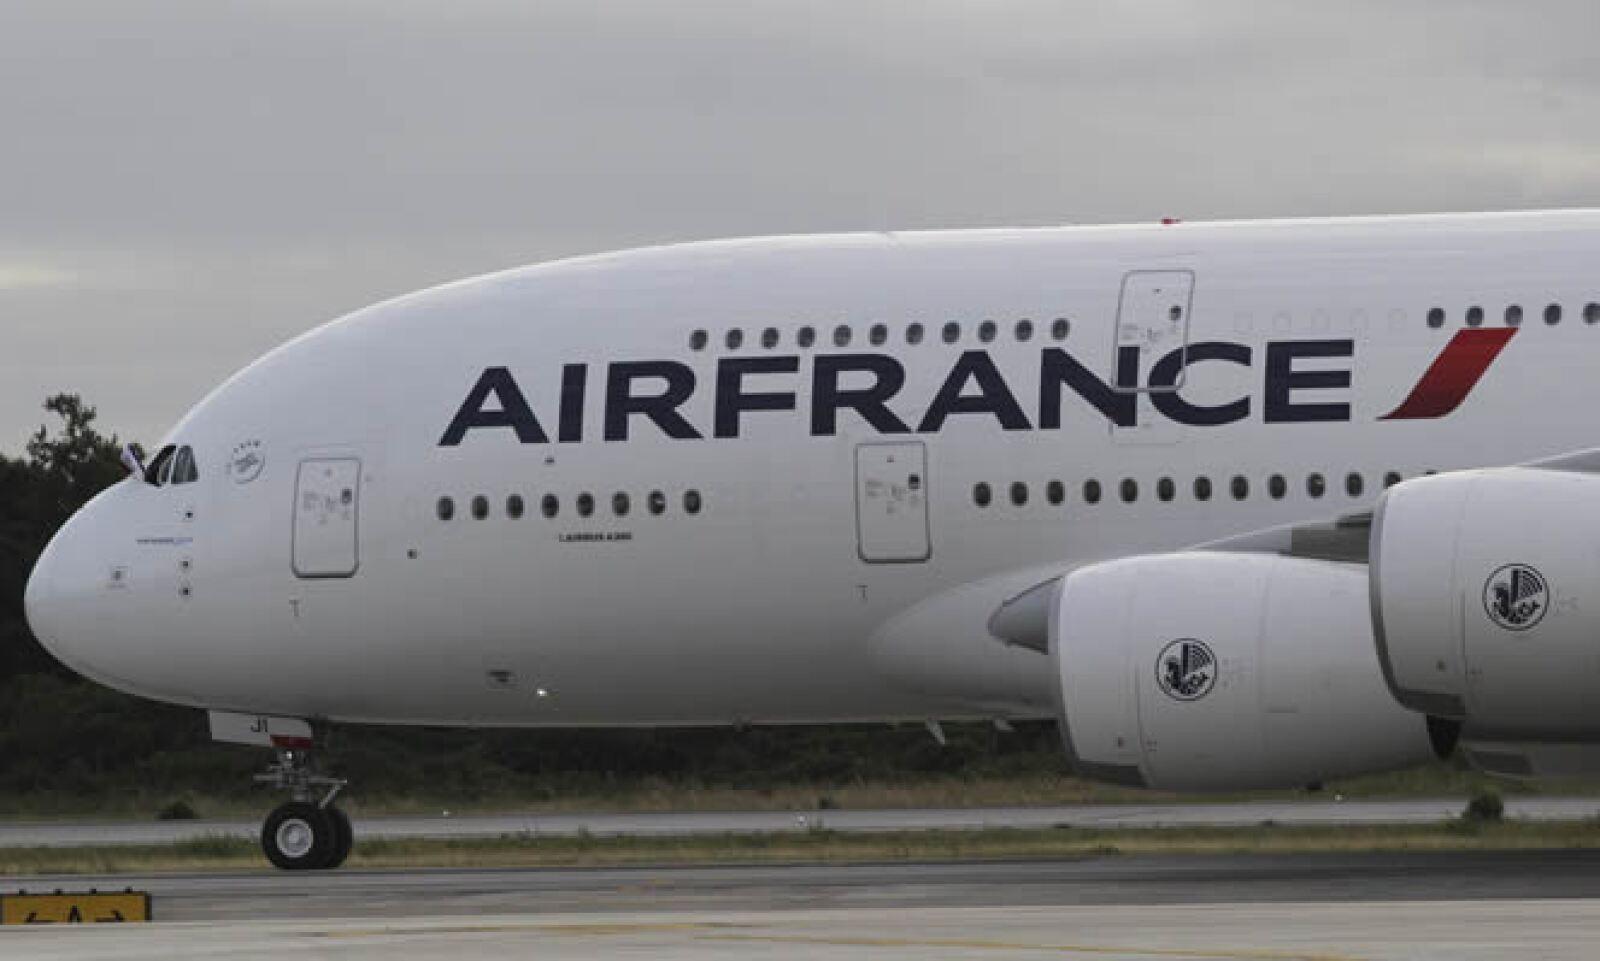 El avión tiene una envergadura de 79.8 metros, una longitud de 73 metros y una altura de 24.1 metros.